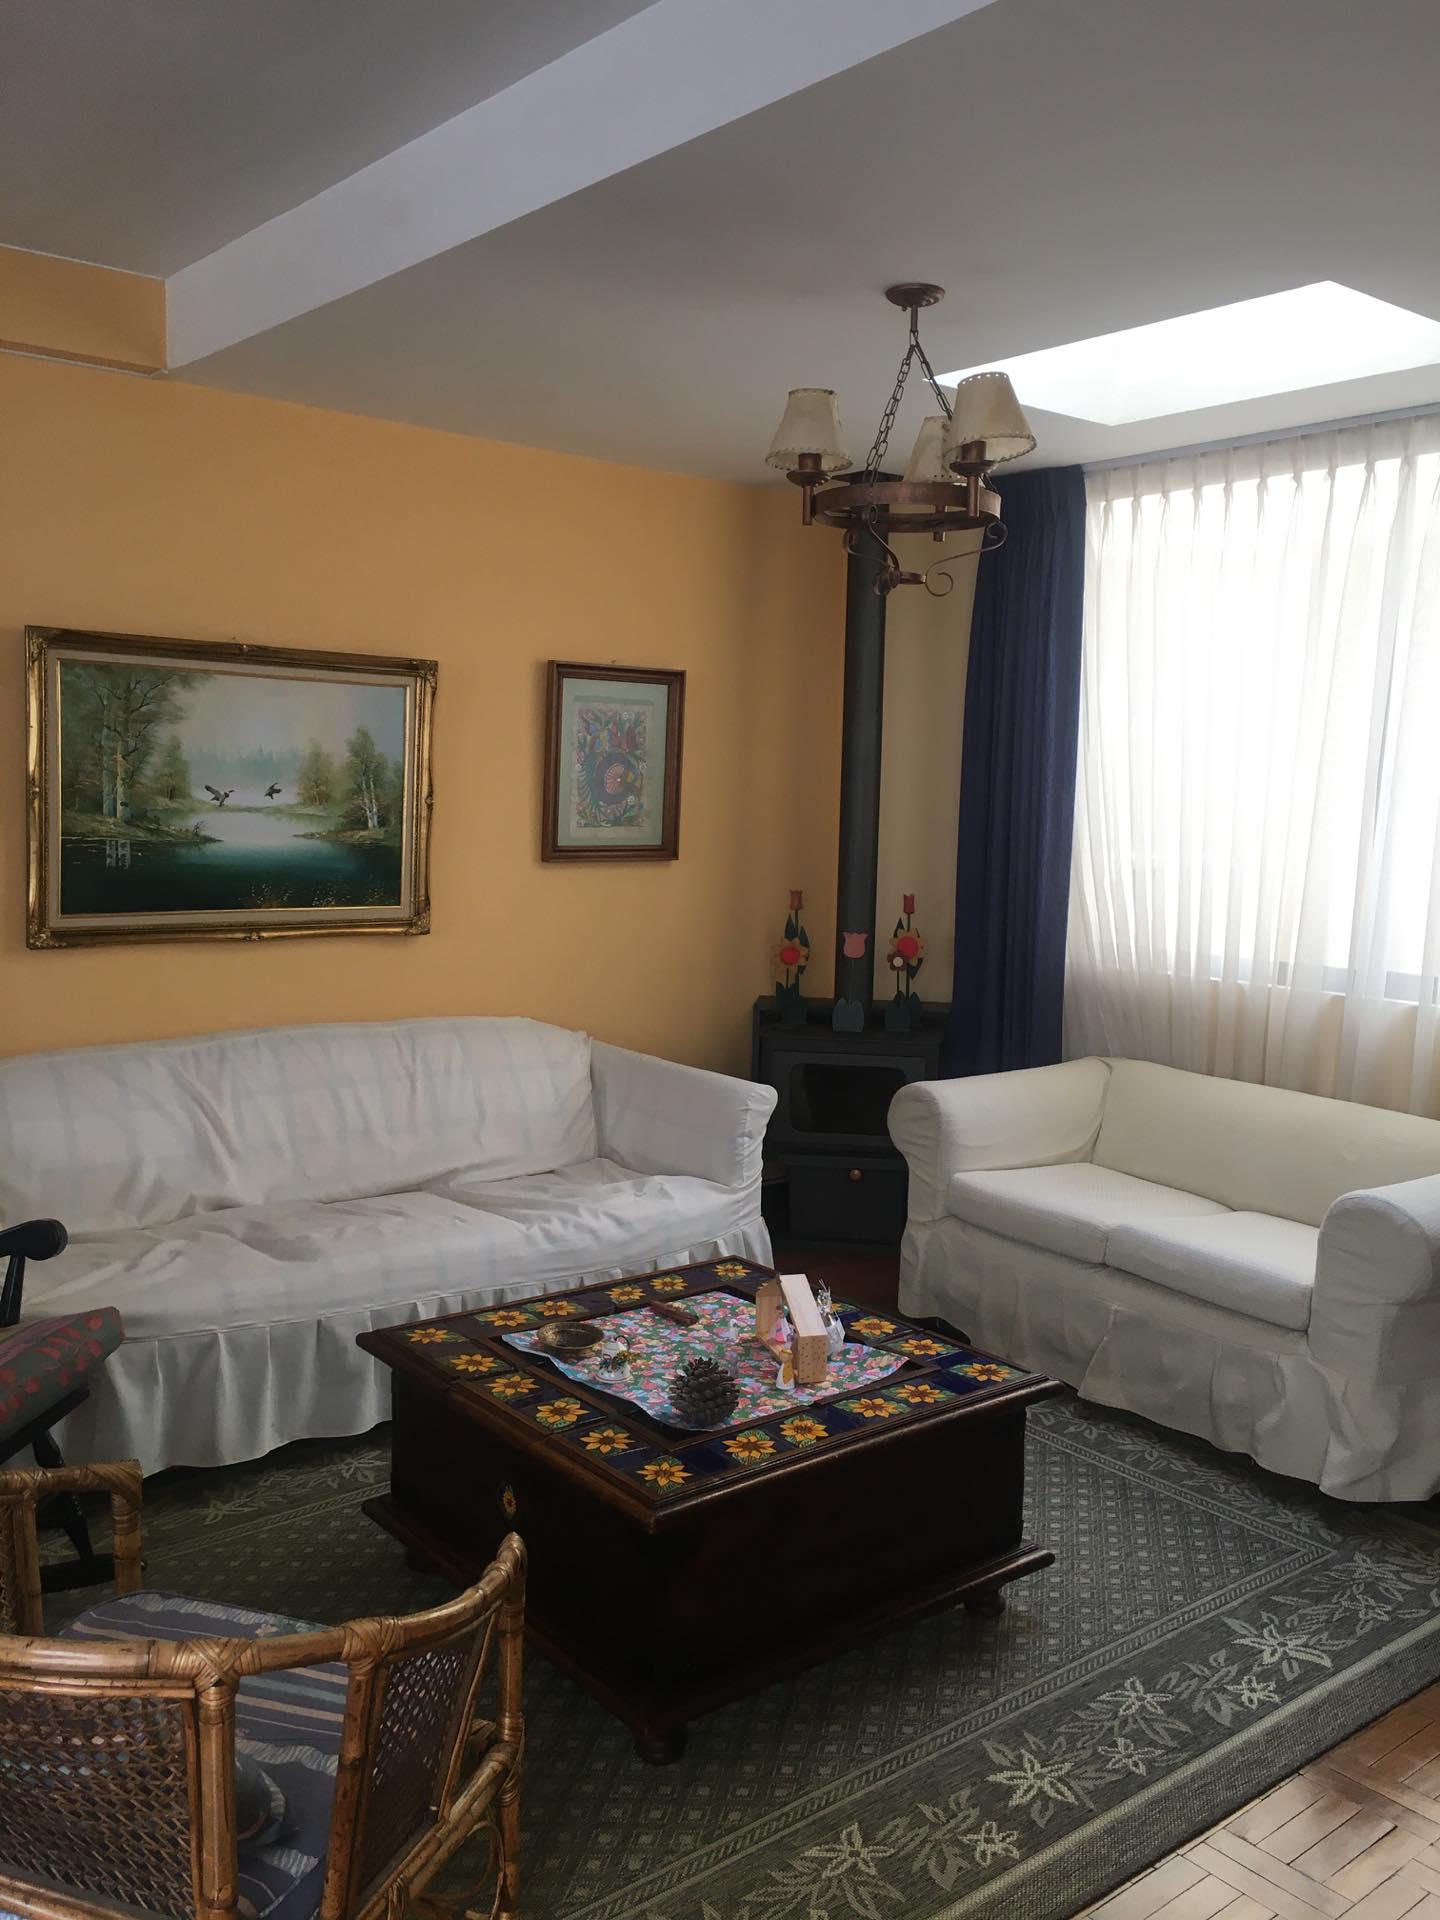 Casa en Venta Achumani inmediaciones calle 25, A pocas cuadras del viaducto San Ramon  Foto 1